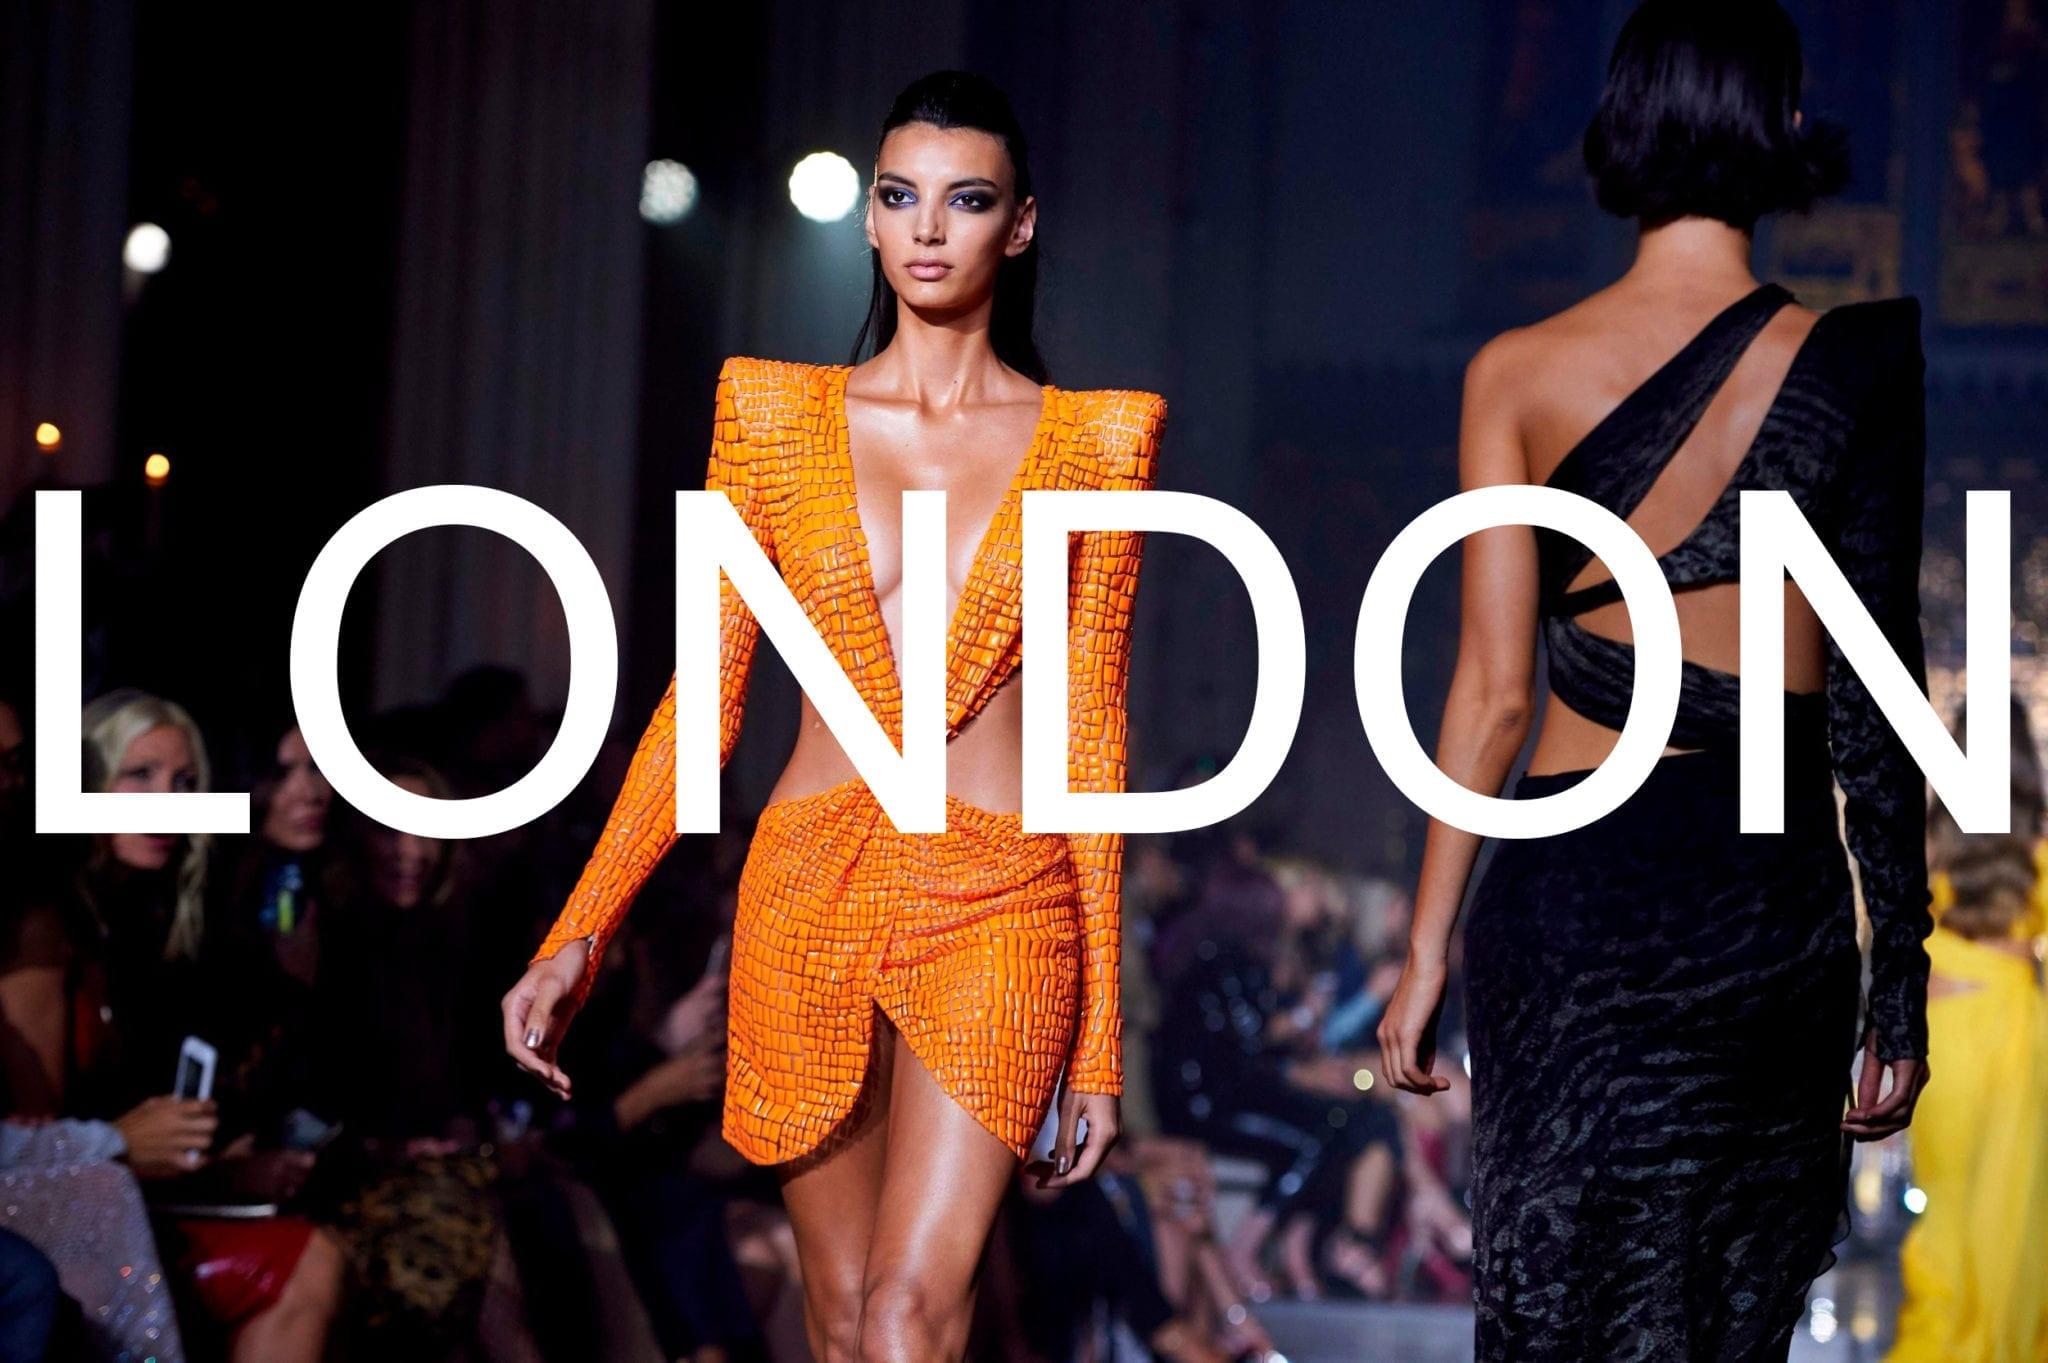 london fashion week, die wochen der mode finden in vier modehauptstädte statt, london, paris, new york, milano